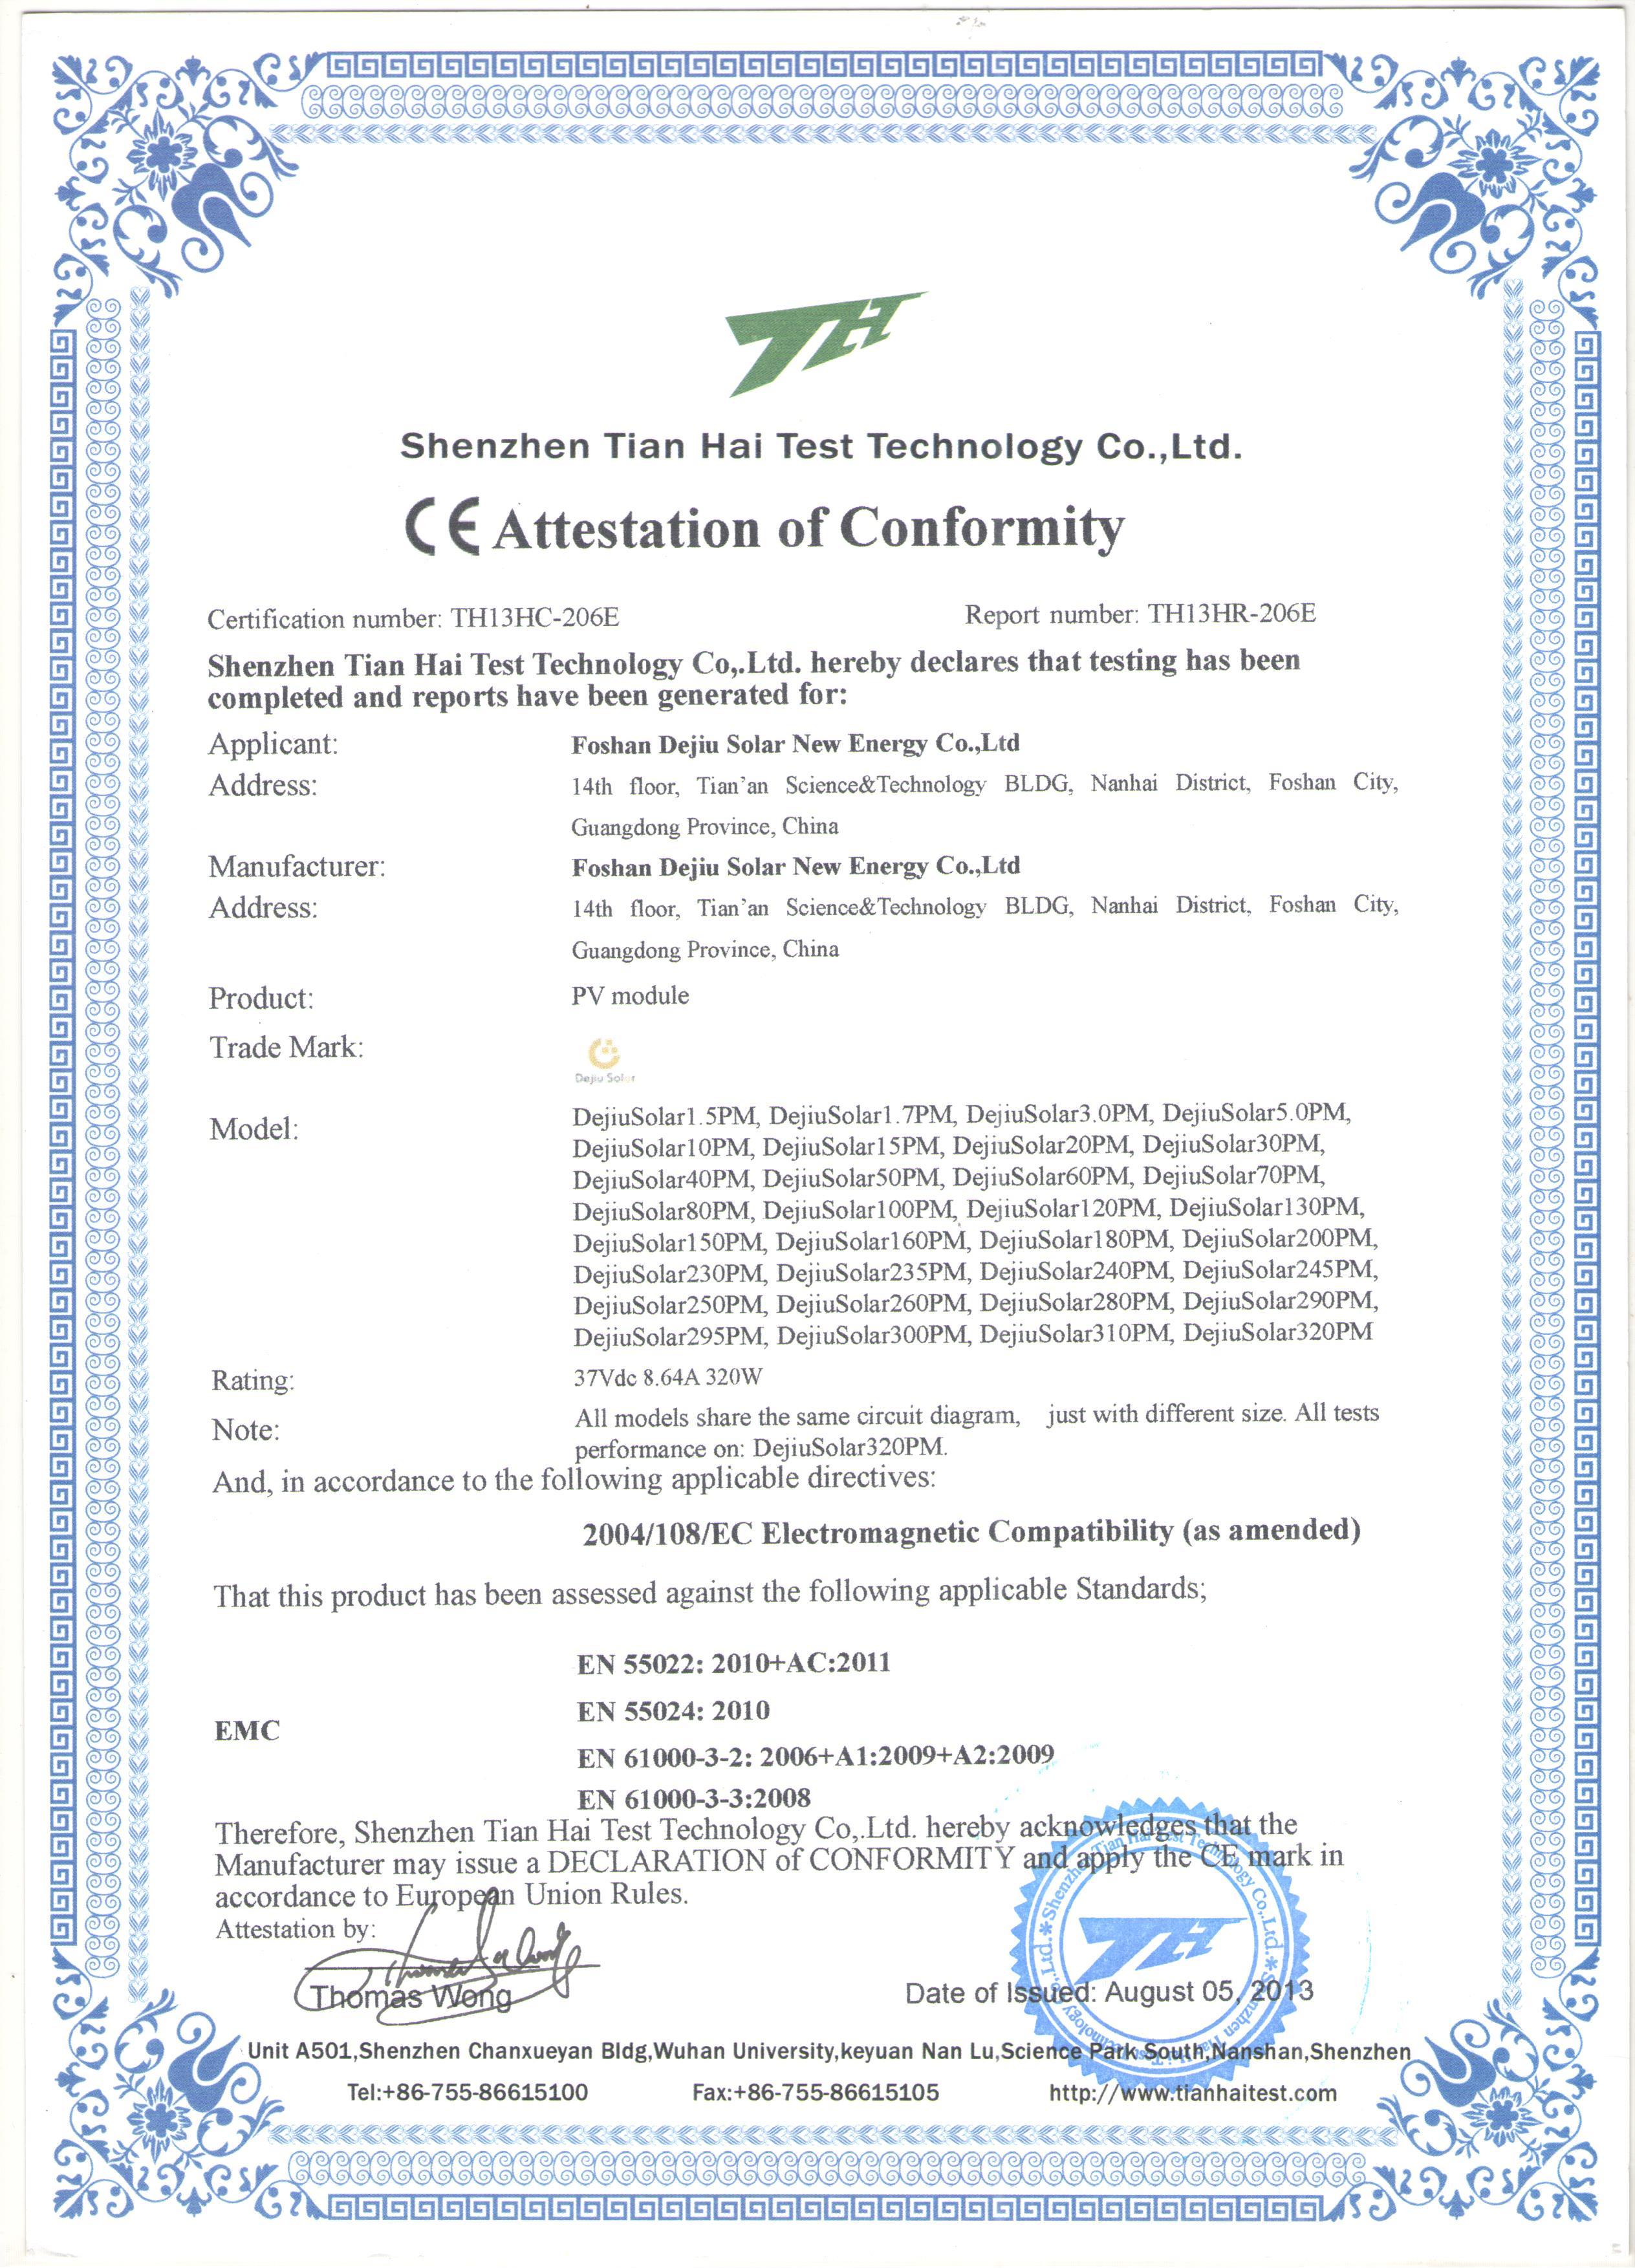 认证-CE-2